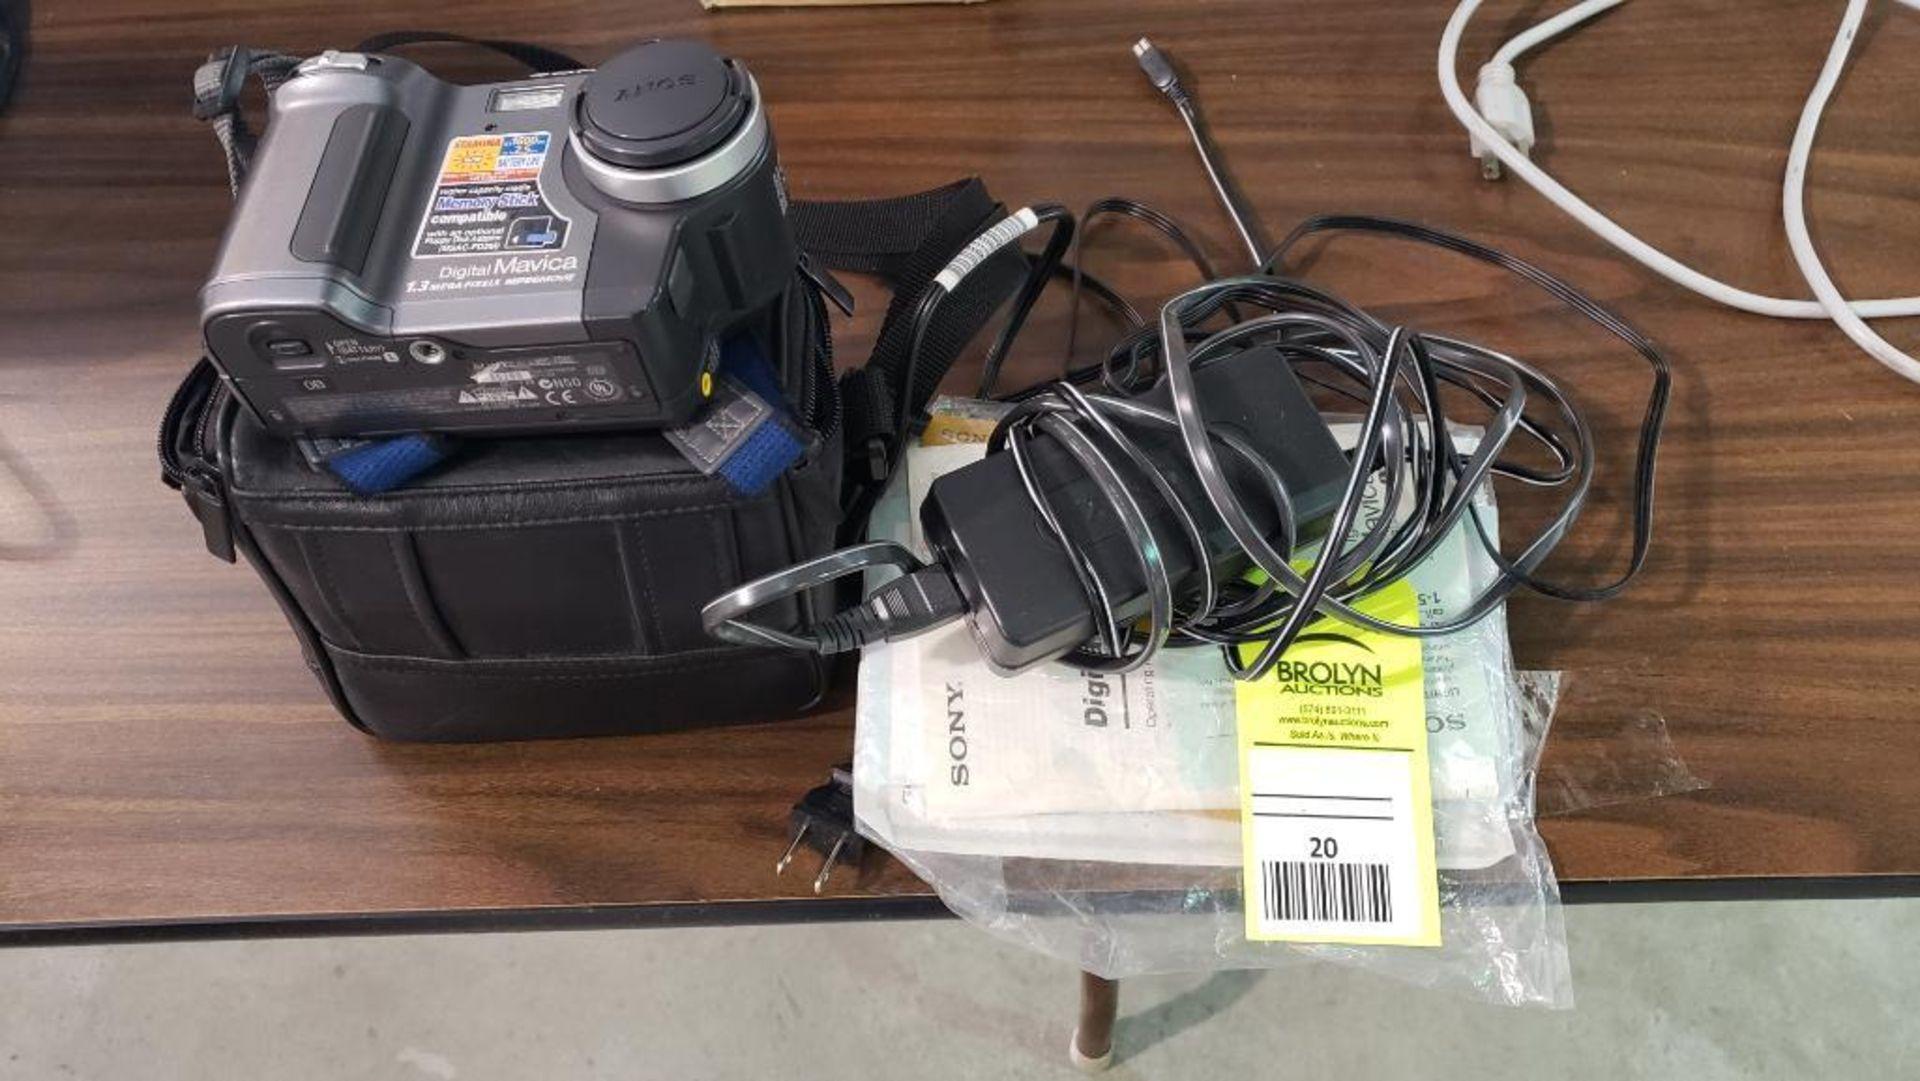 Sony Mavica digital camera.